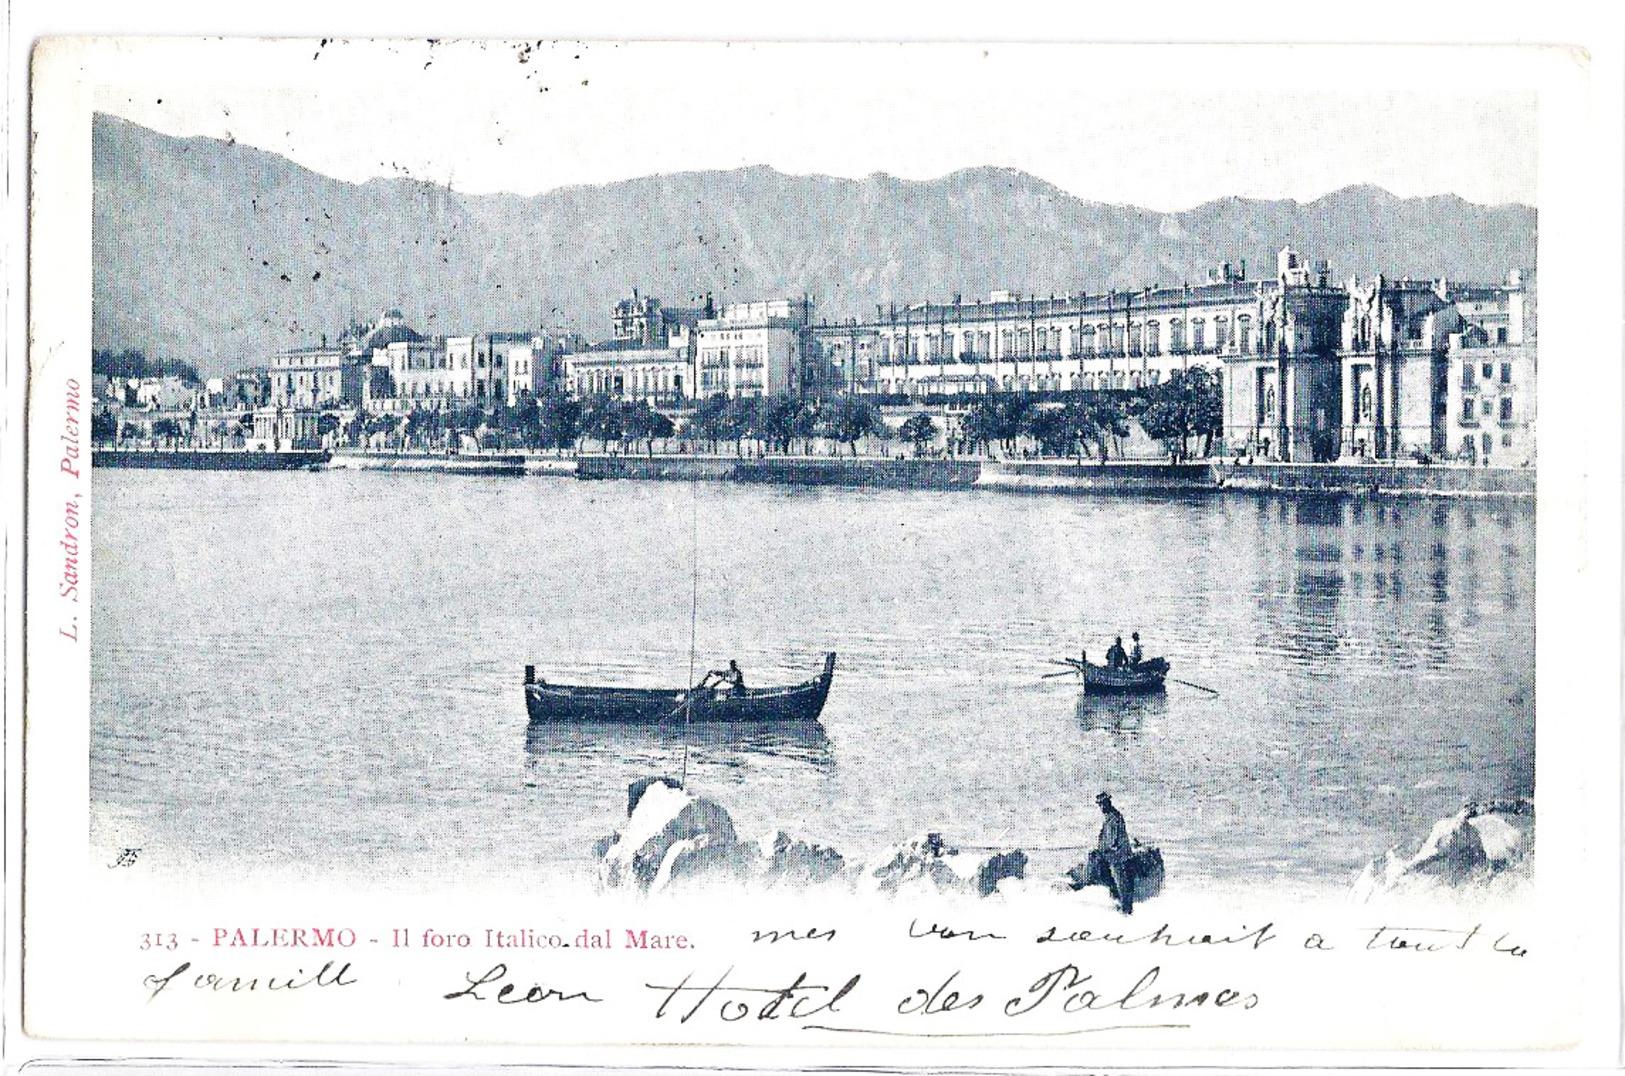 Palermo - Il Foro Italico Dal Mare. 1908 - Palermo